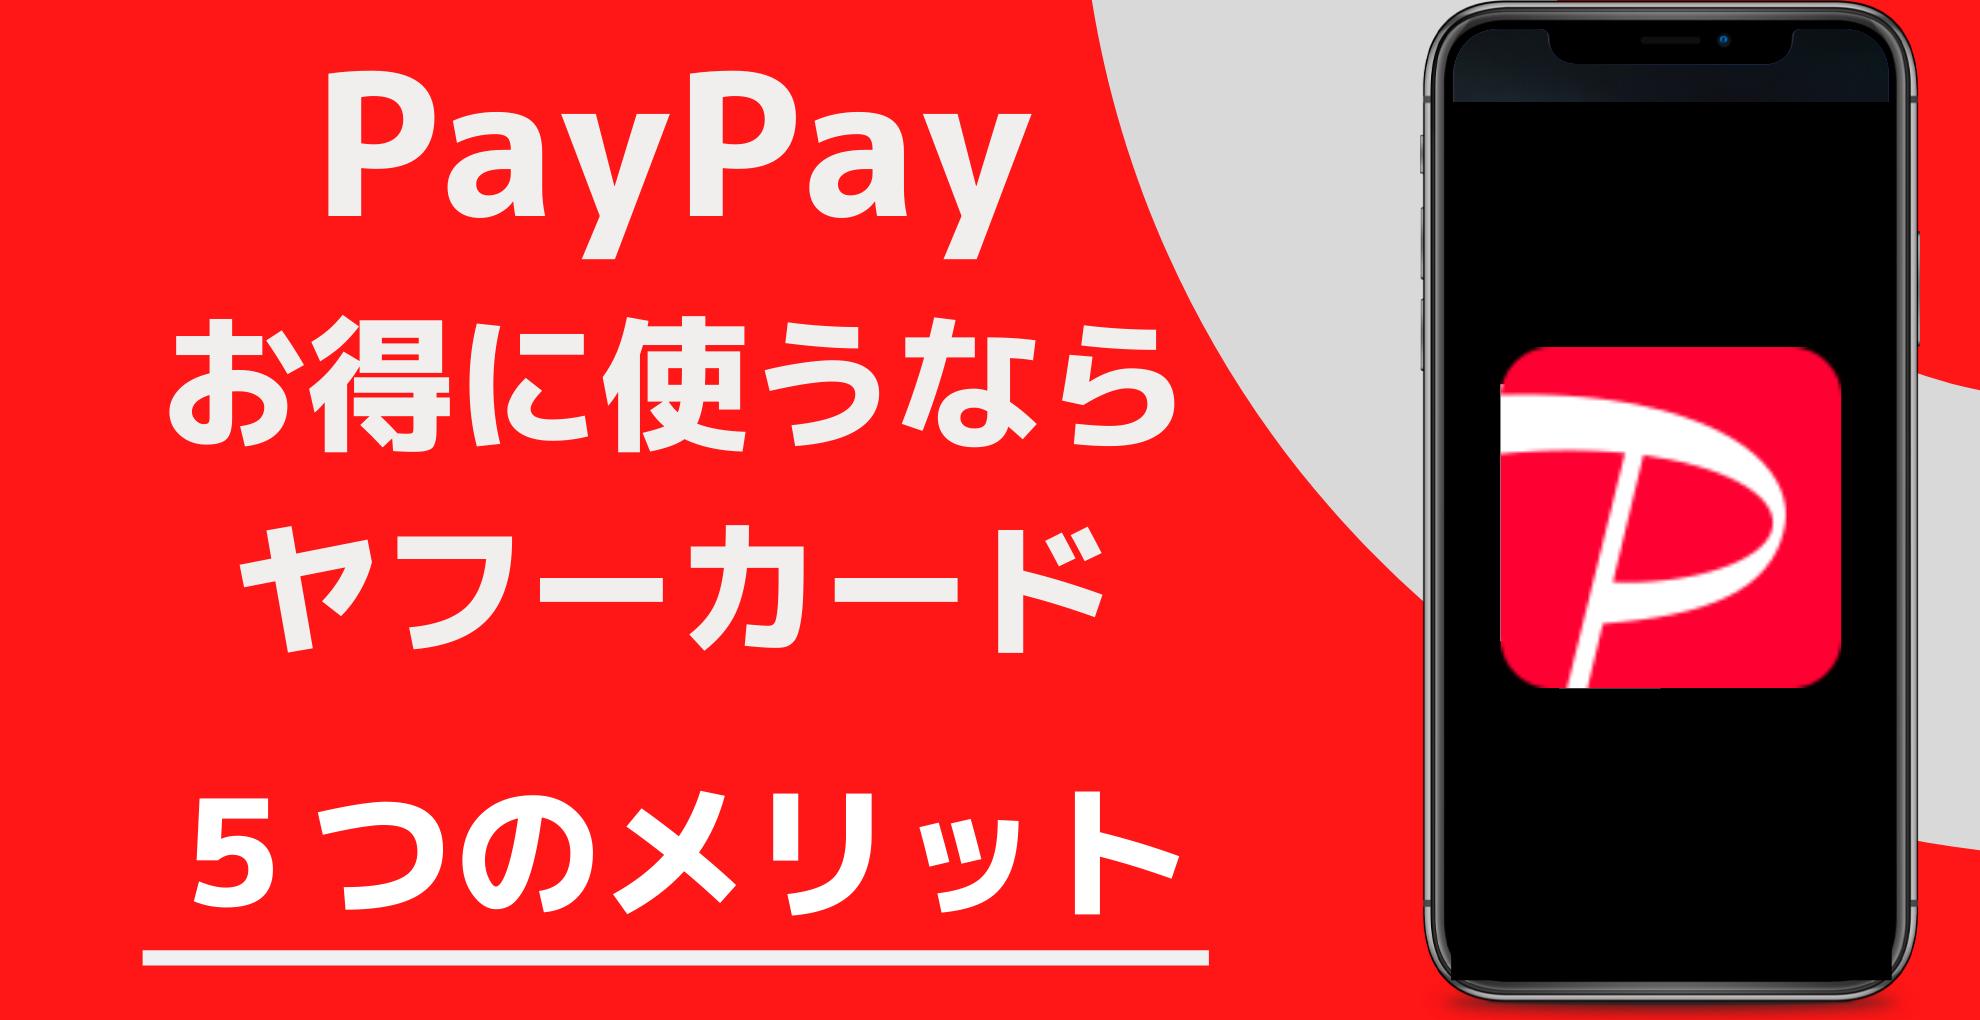 【PayPay】おすすめヤフーカード 5つのメリット